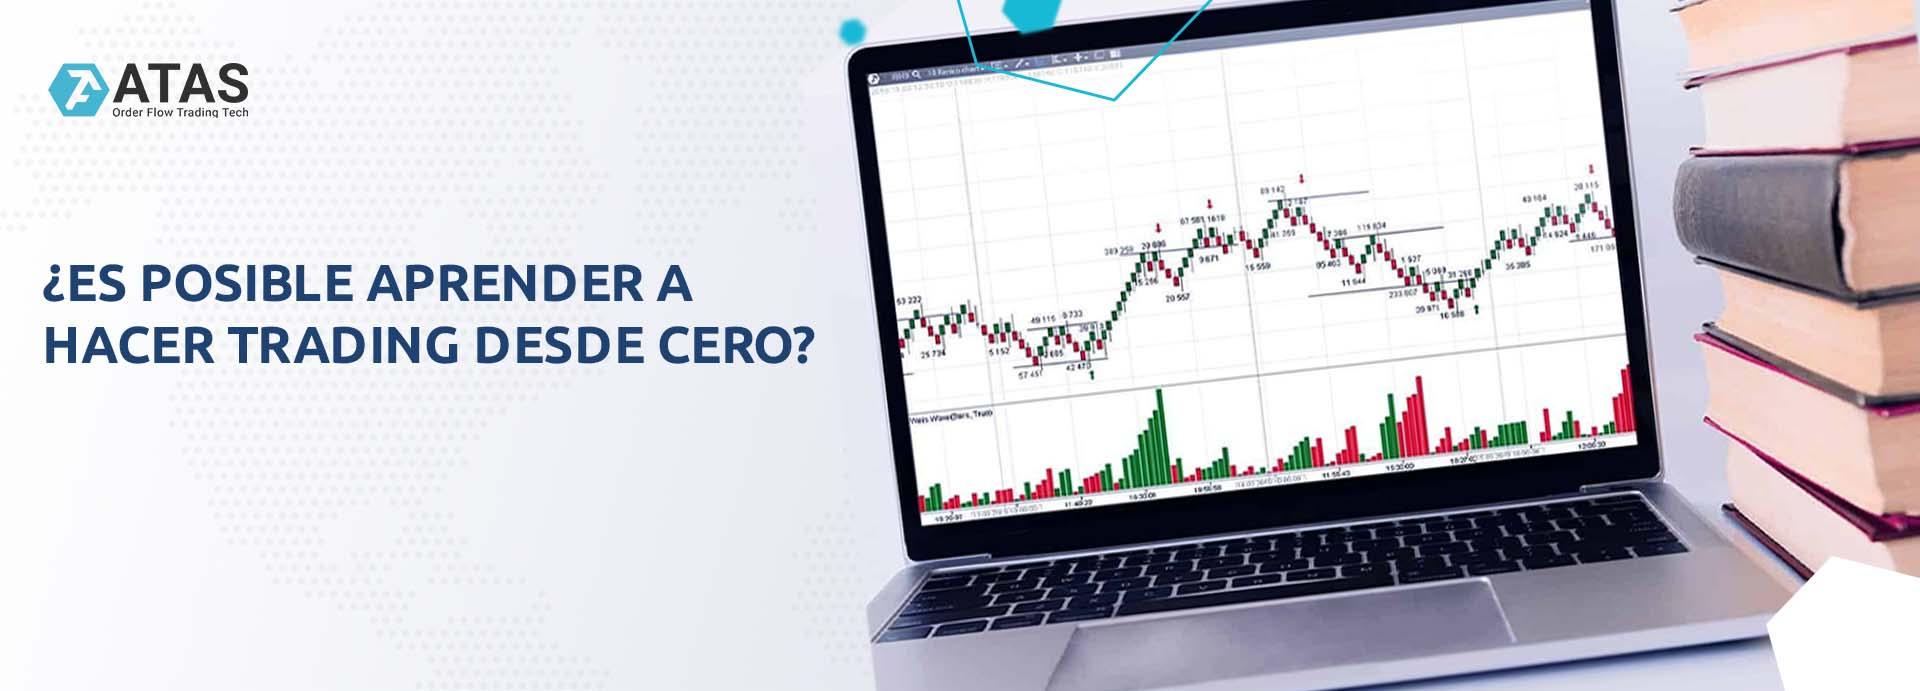 ¿Es posible aprender a hacer trading desde cero